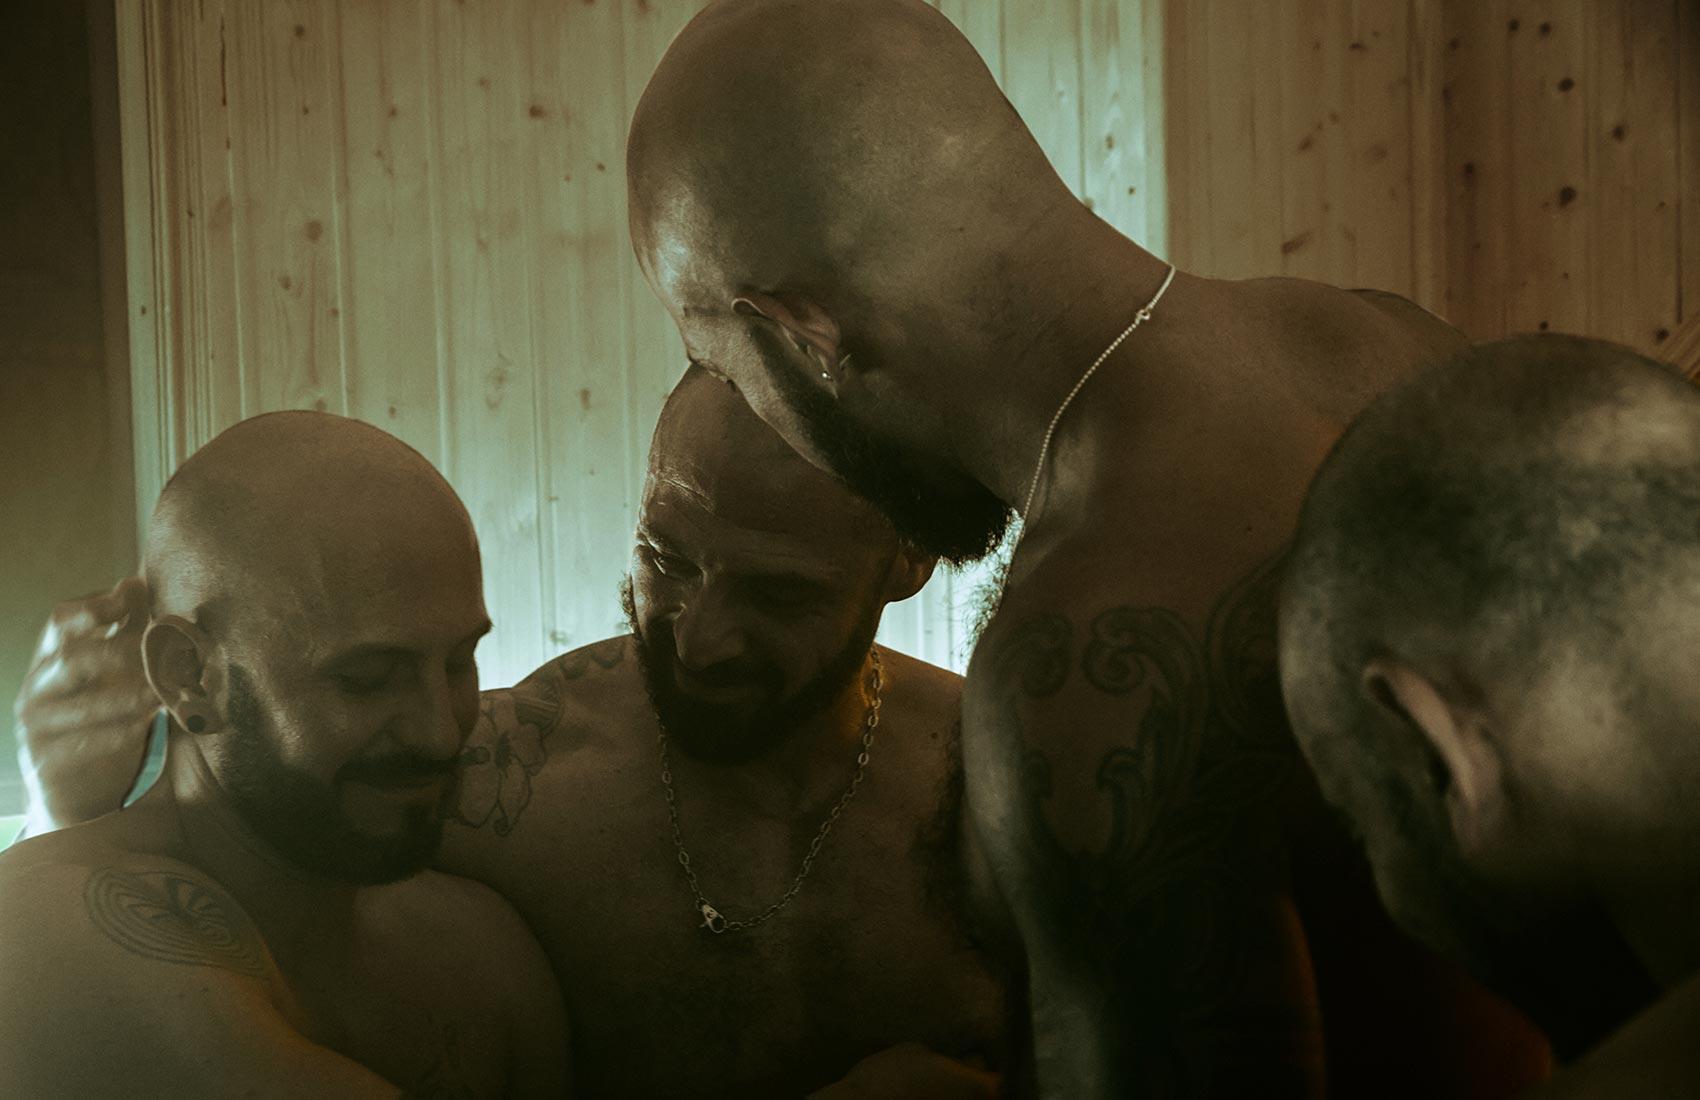 sauna principe es una sauna gay para hombres en el centro de Madrid